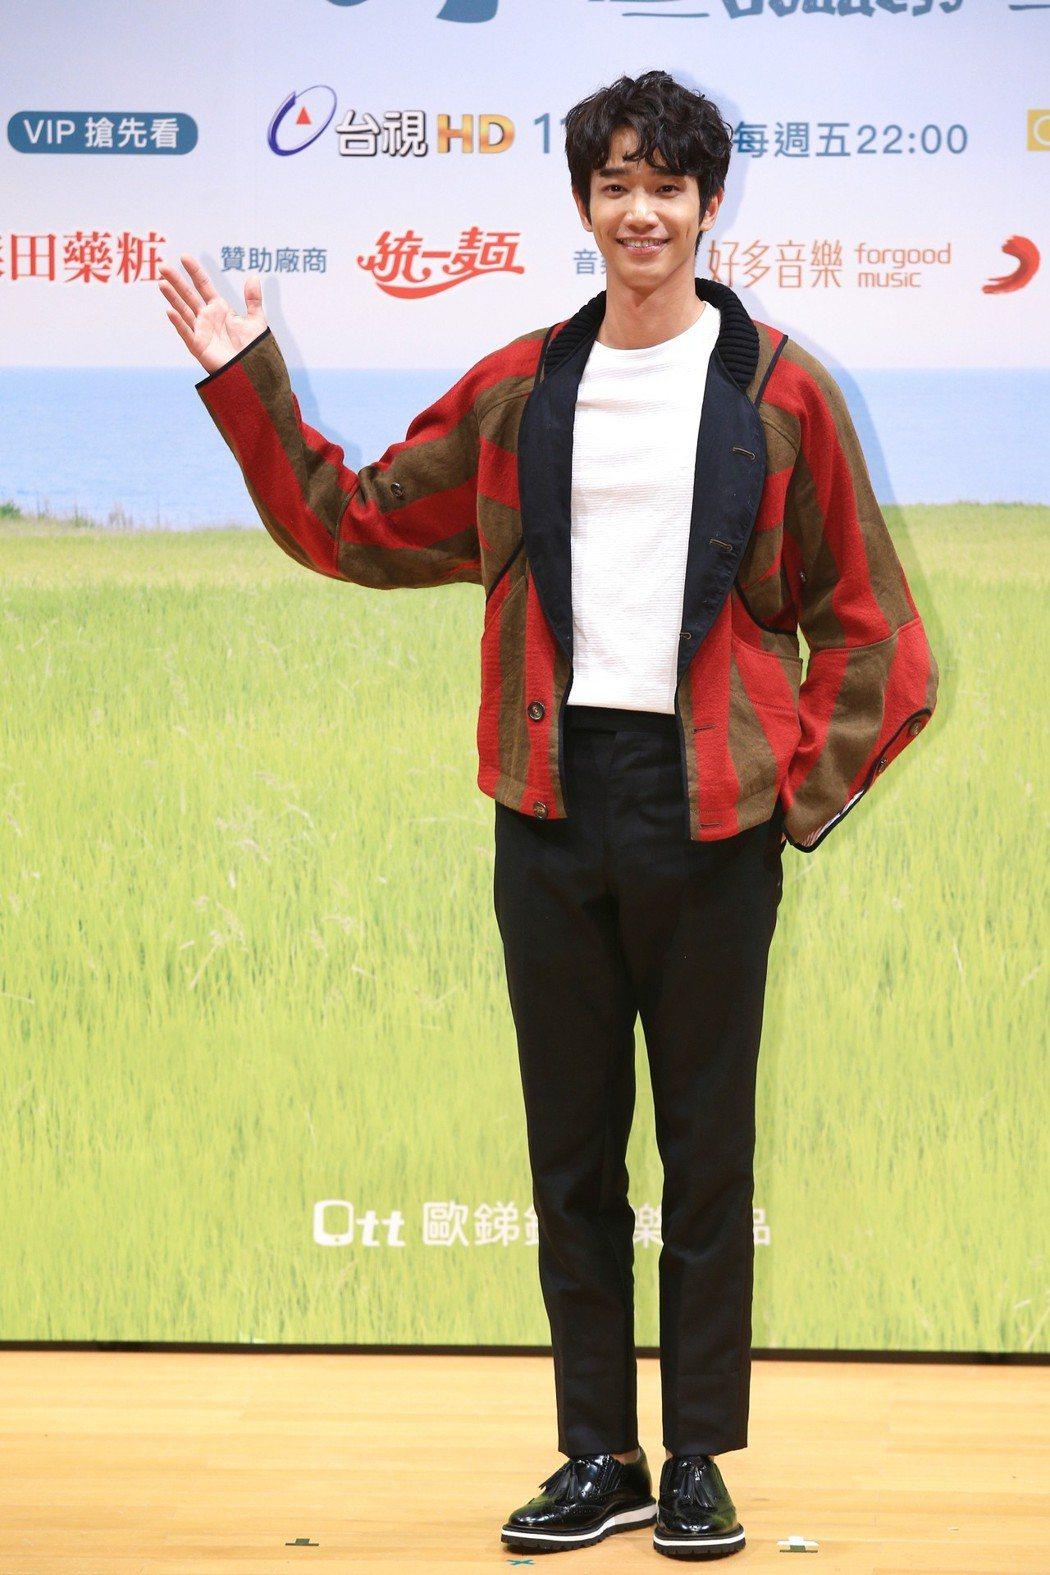 《種菜女神》首映發布會,主要演員劉以豪出席宣傳。記者林伯東/攝影